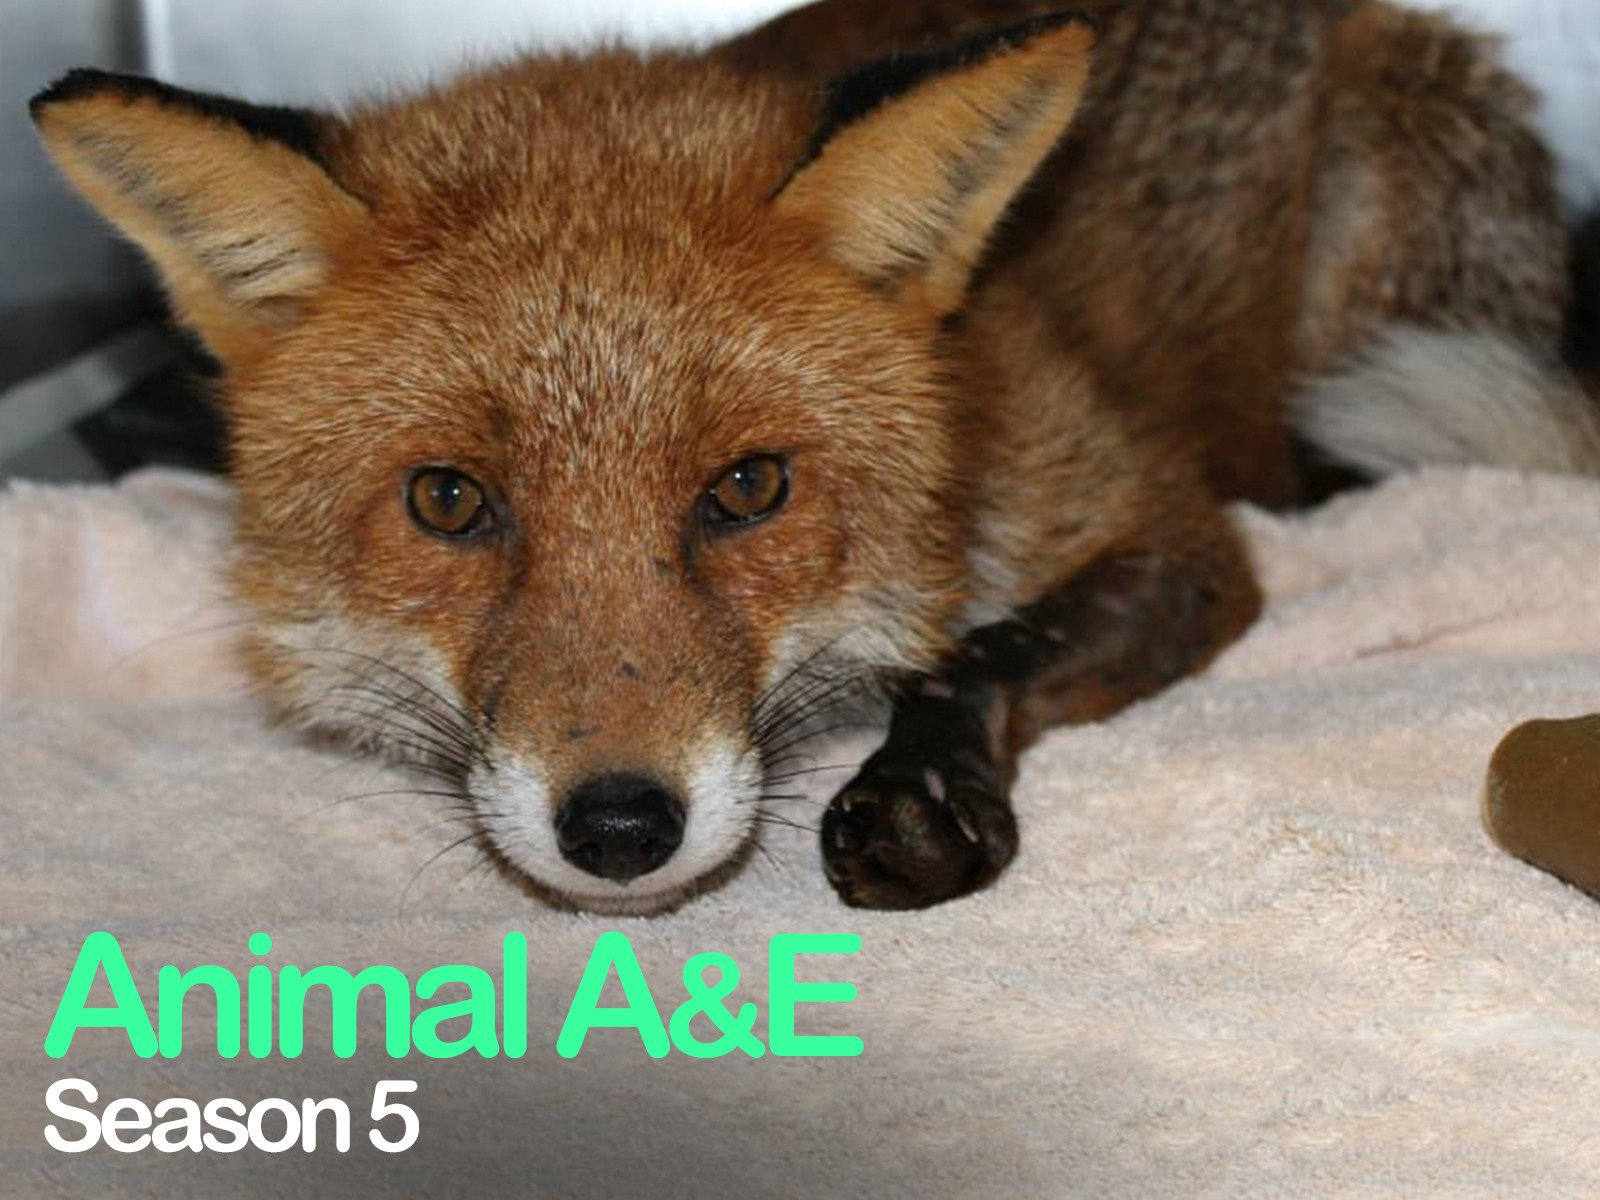 Animal A&E: Animal Rescue - Season 5